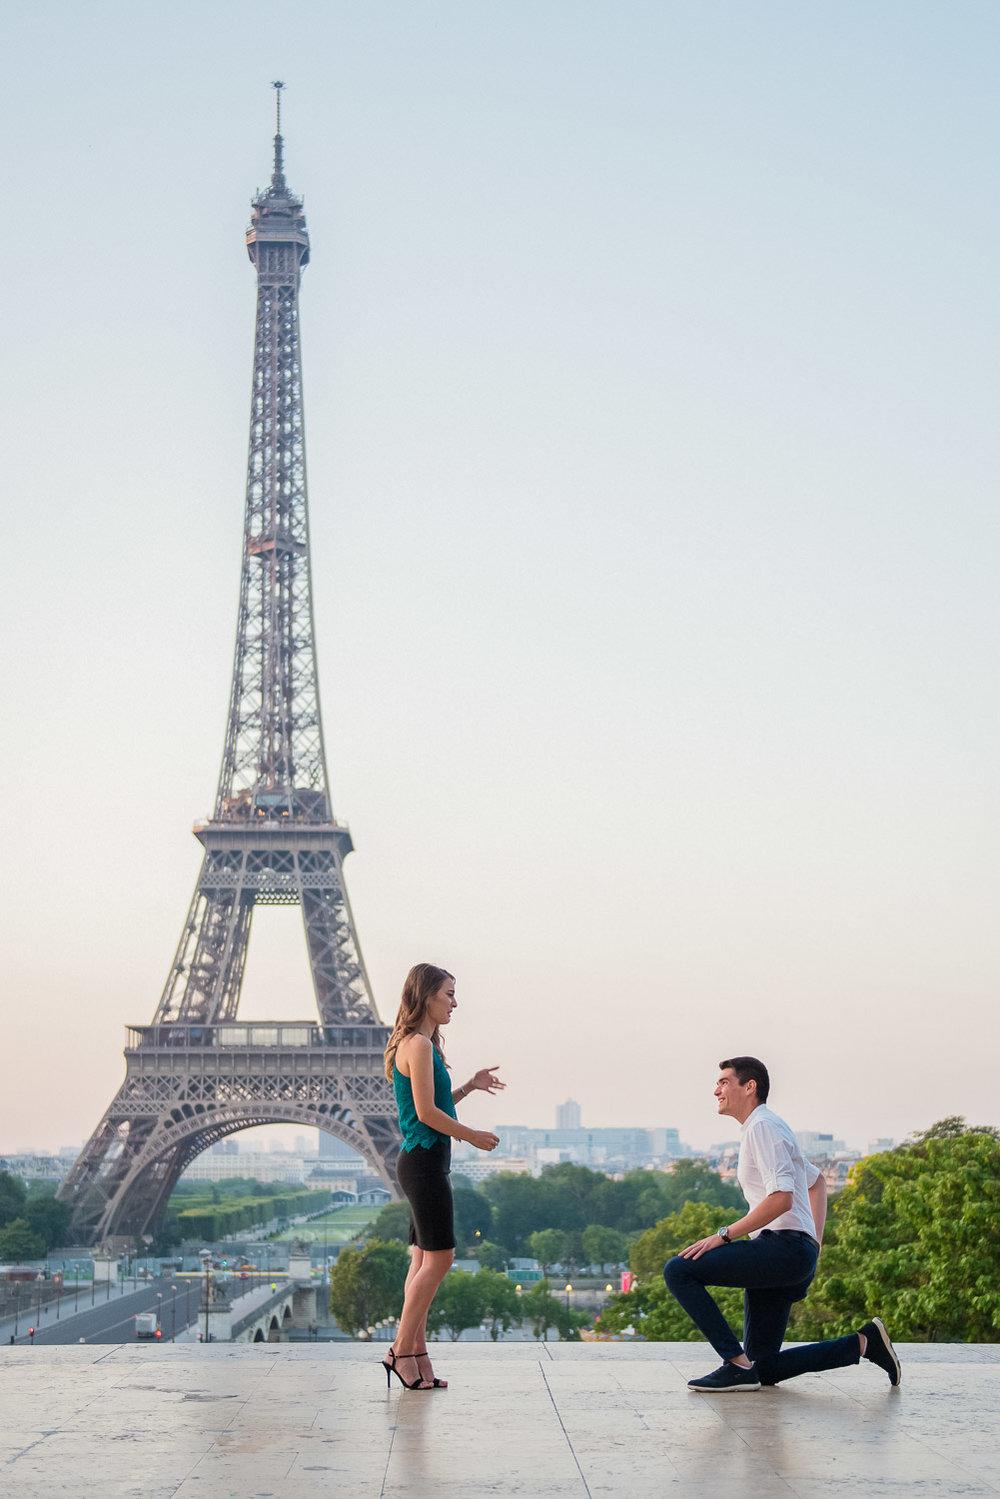 Paris surprise proposal session for Andrei & Daniela 28 June 2018-4.jpg